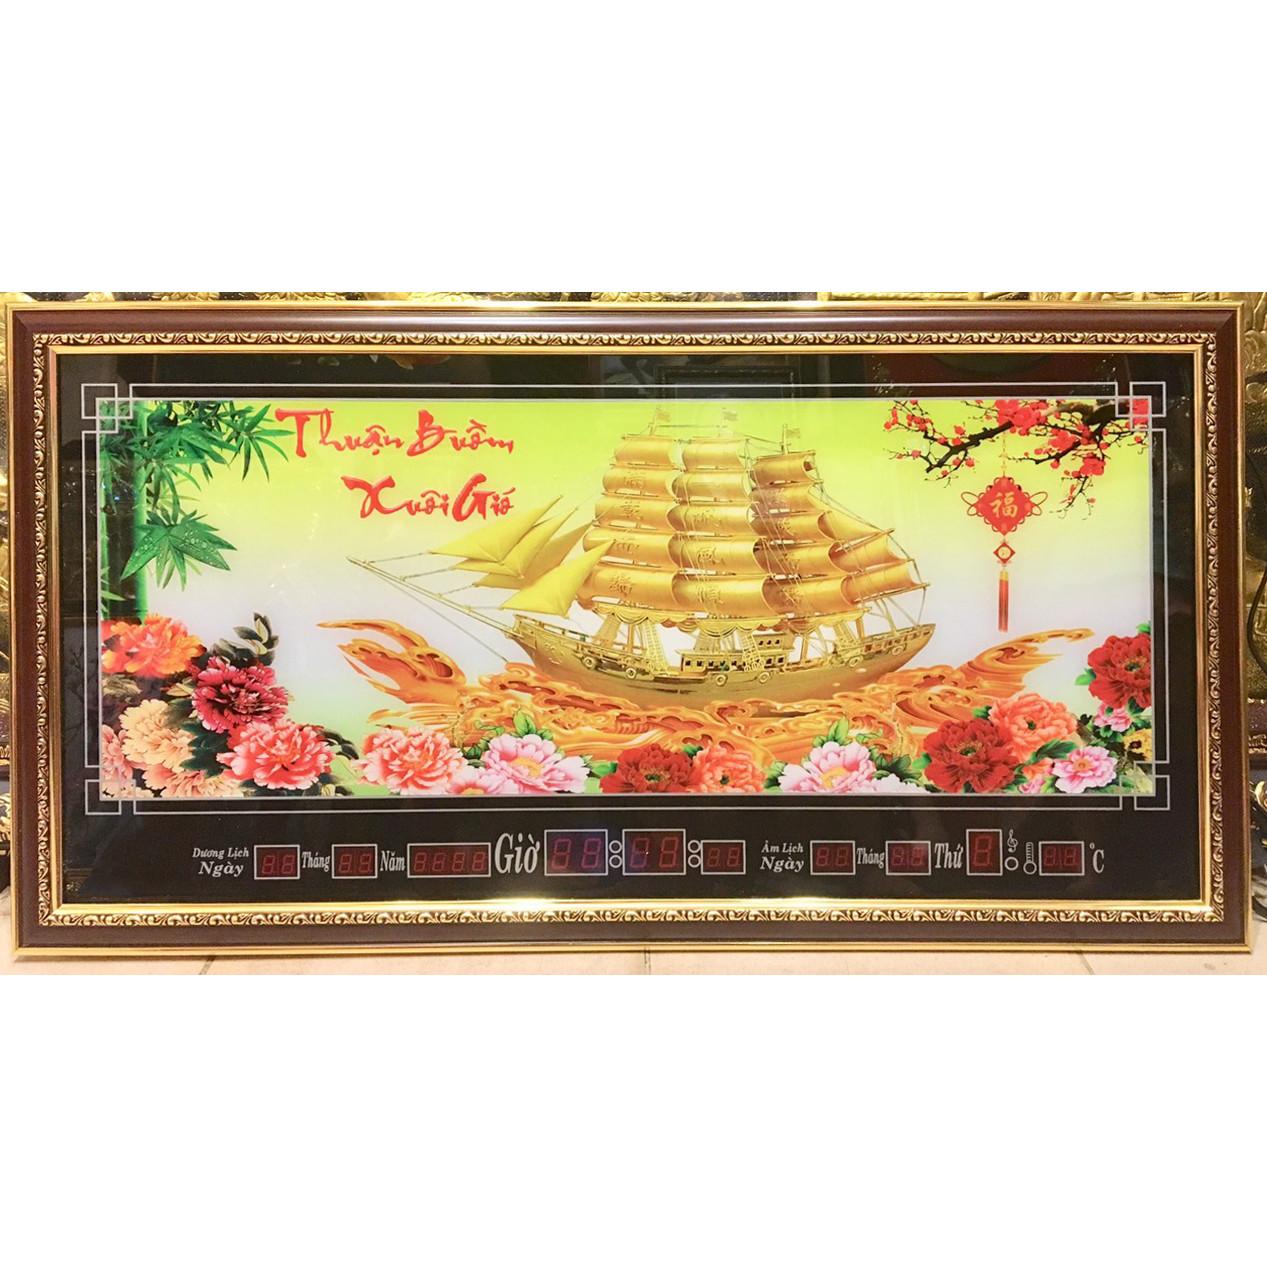 Tranh lịch Thuận buồm xuôi gió - MS437